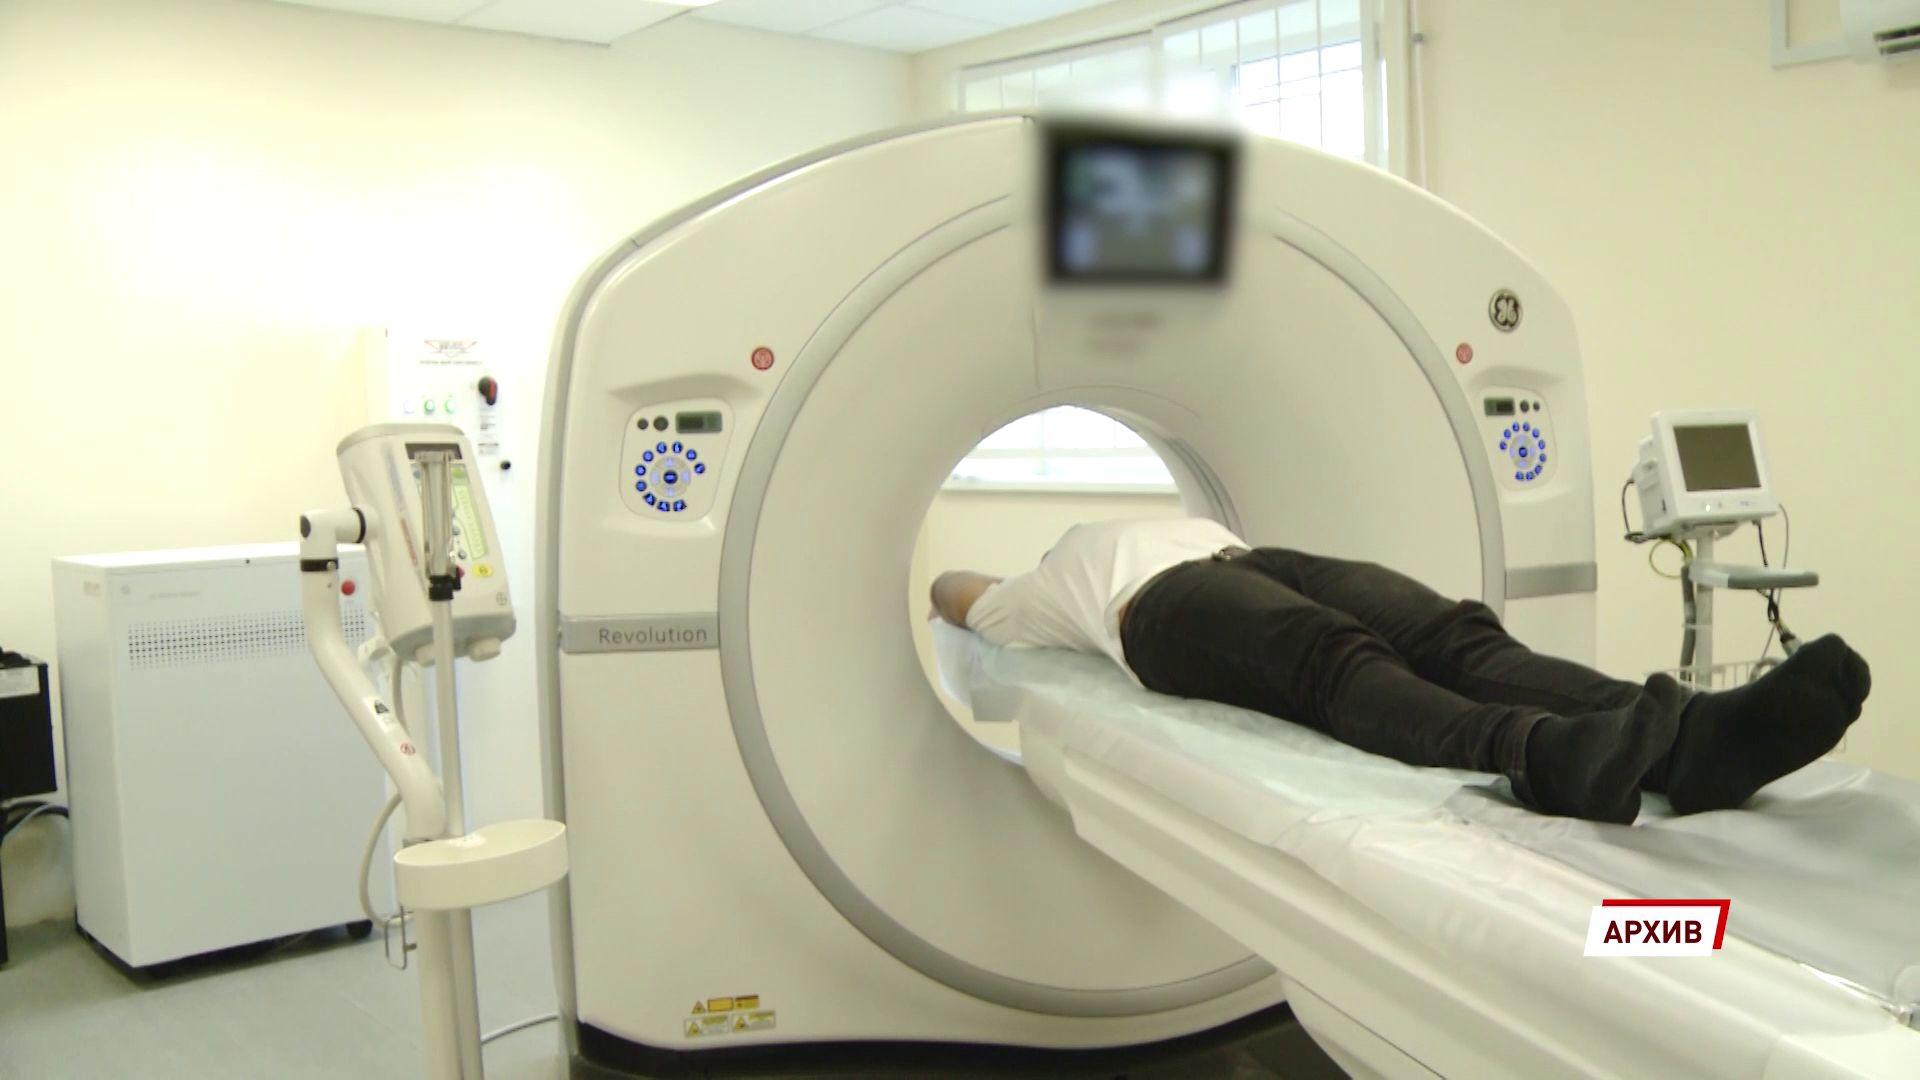 Прокуратура и ФАС заинтересовались ценами на компьютерную томографию в Ярославле